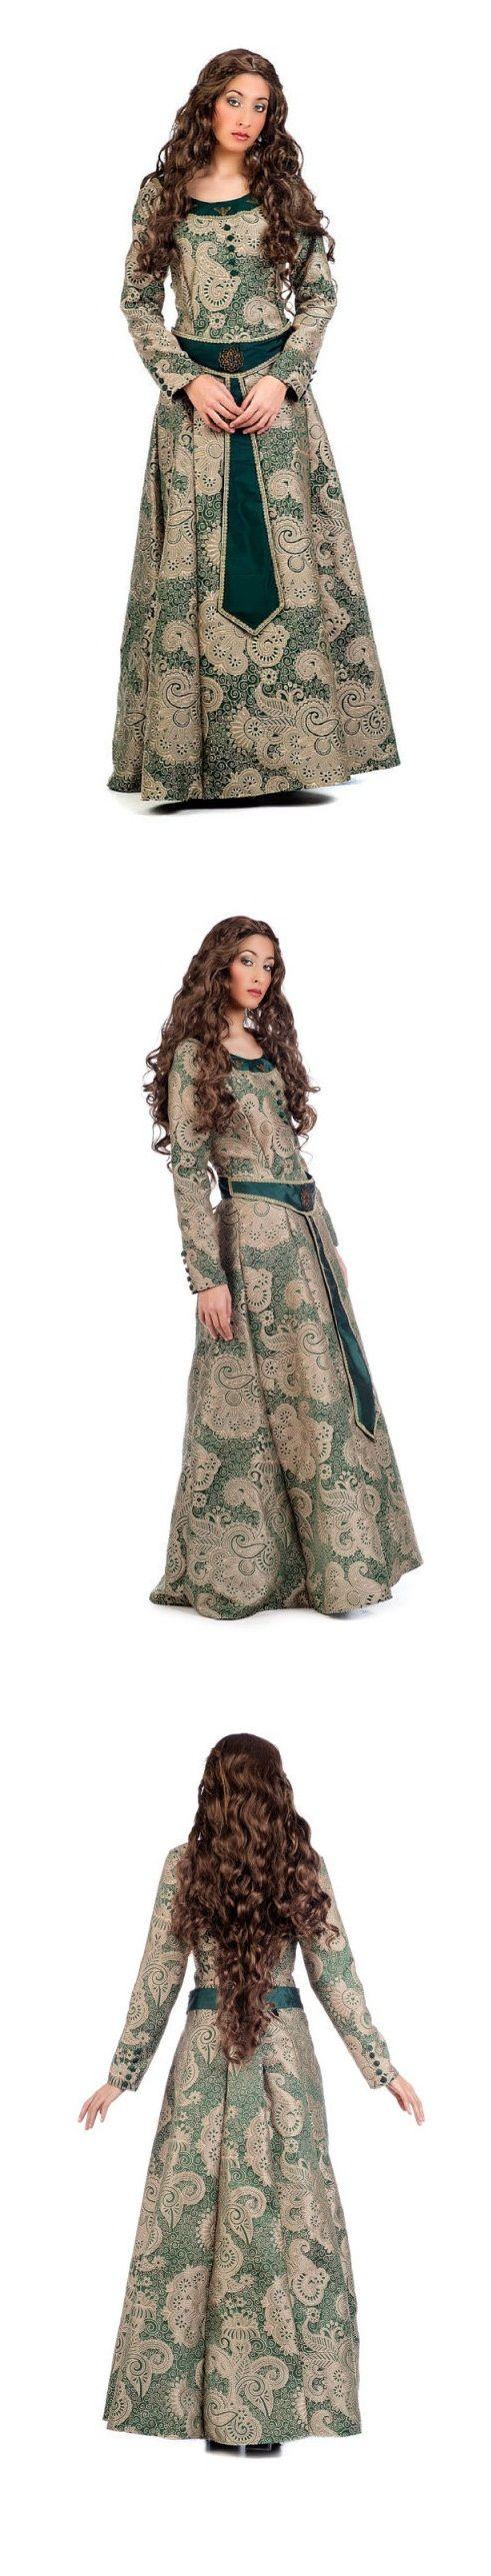 #Disfraz de lujo #Medieval para Mujer. #Vestido traje #Medieval